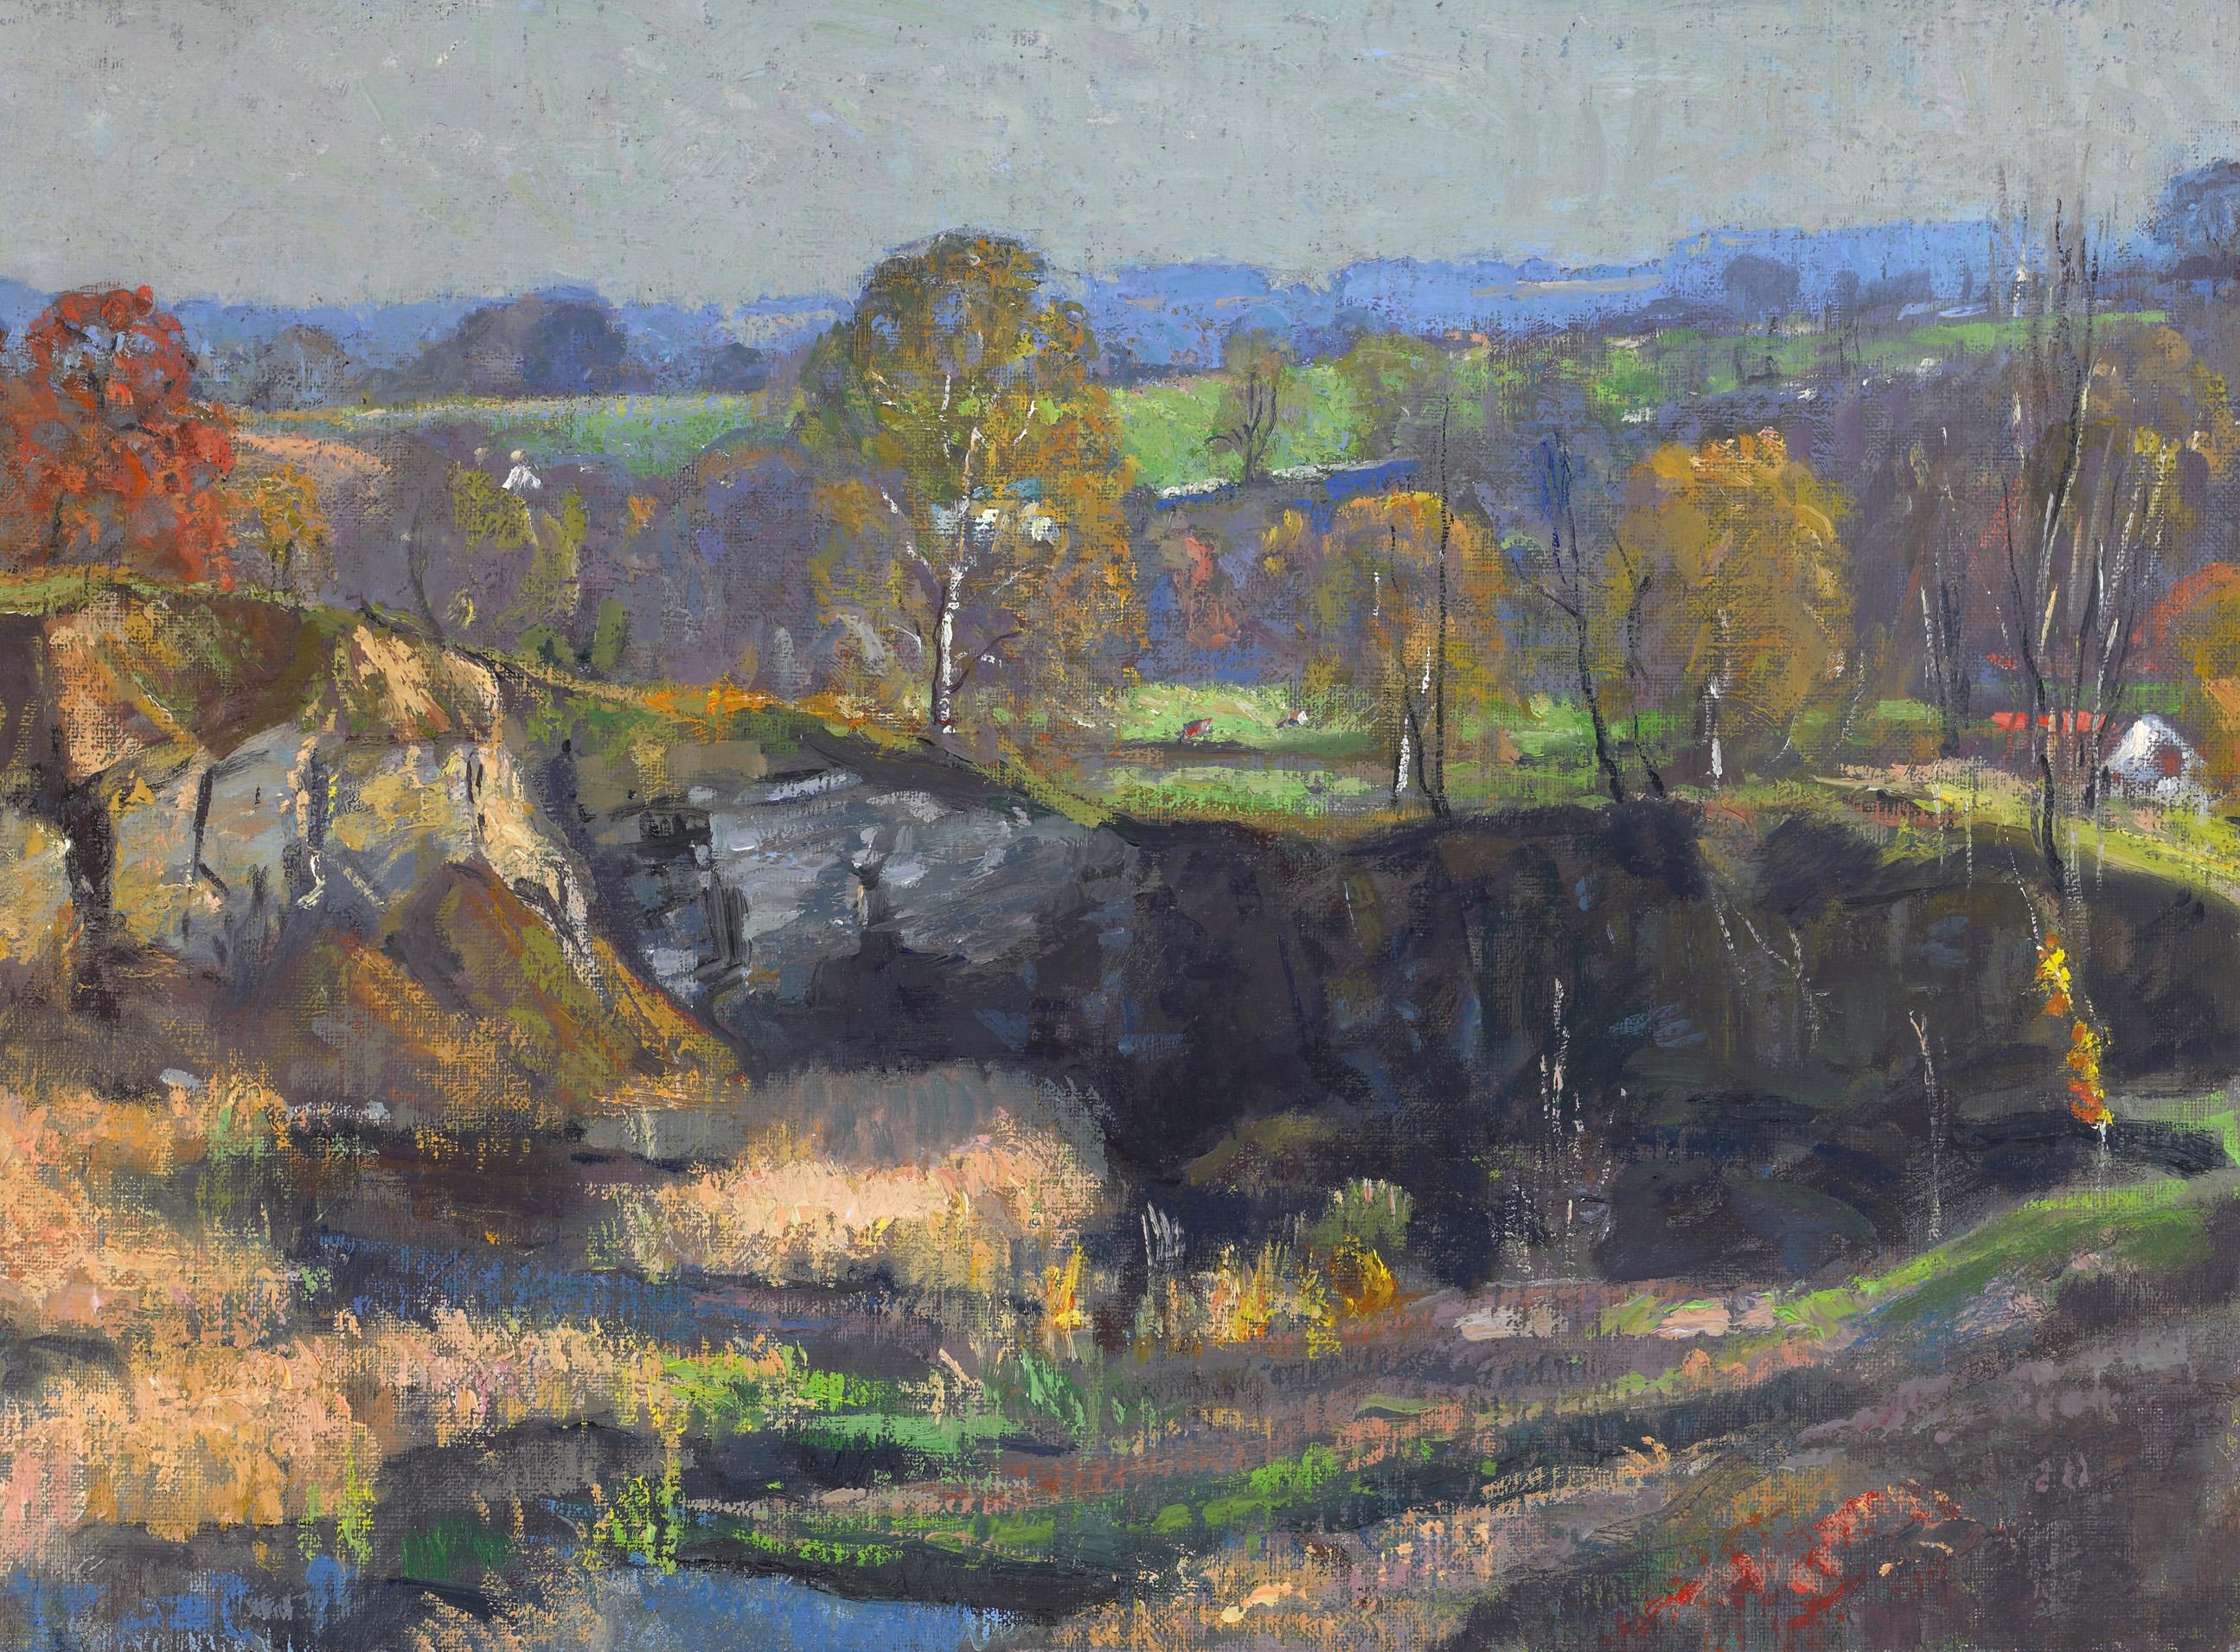 The Quarry, Autumn